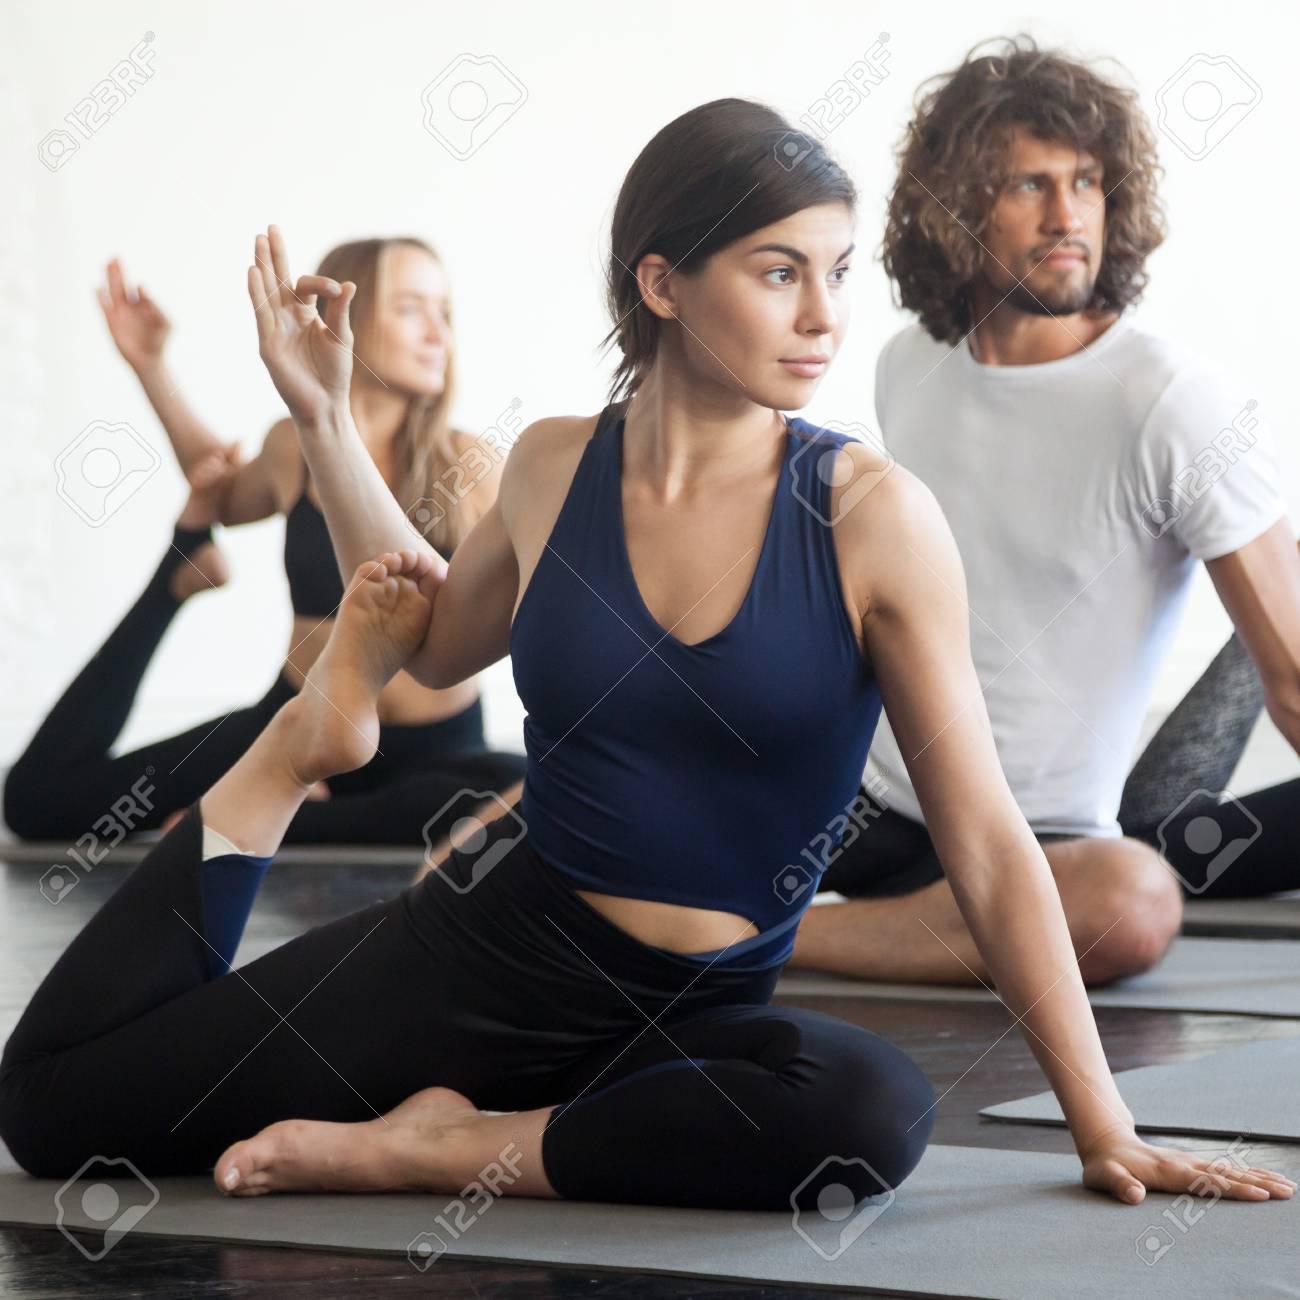 Grupo de jóvenes deportistas atractivas mujeres y hombres estudiantes trabajando, practicando la lección de yoga con instructor, sentado en el